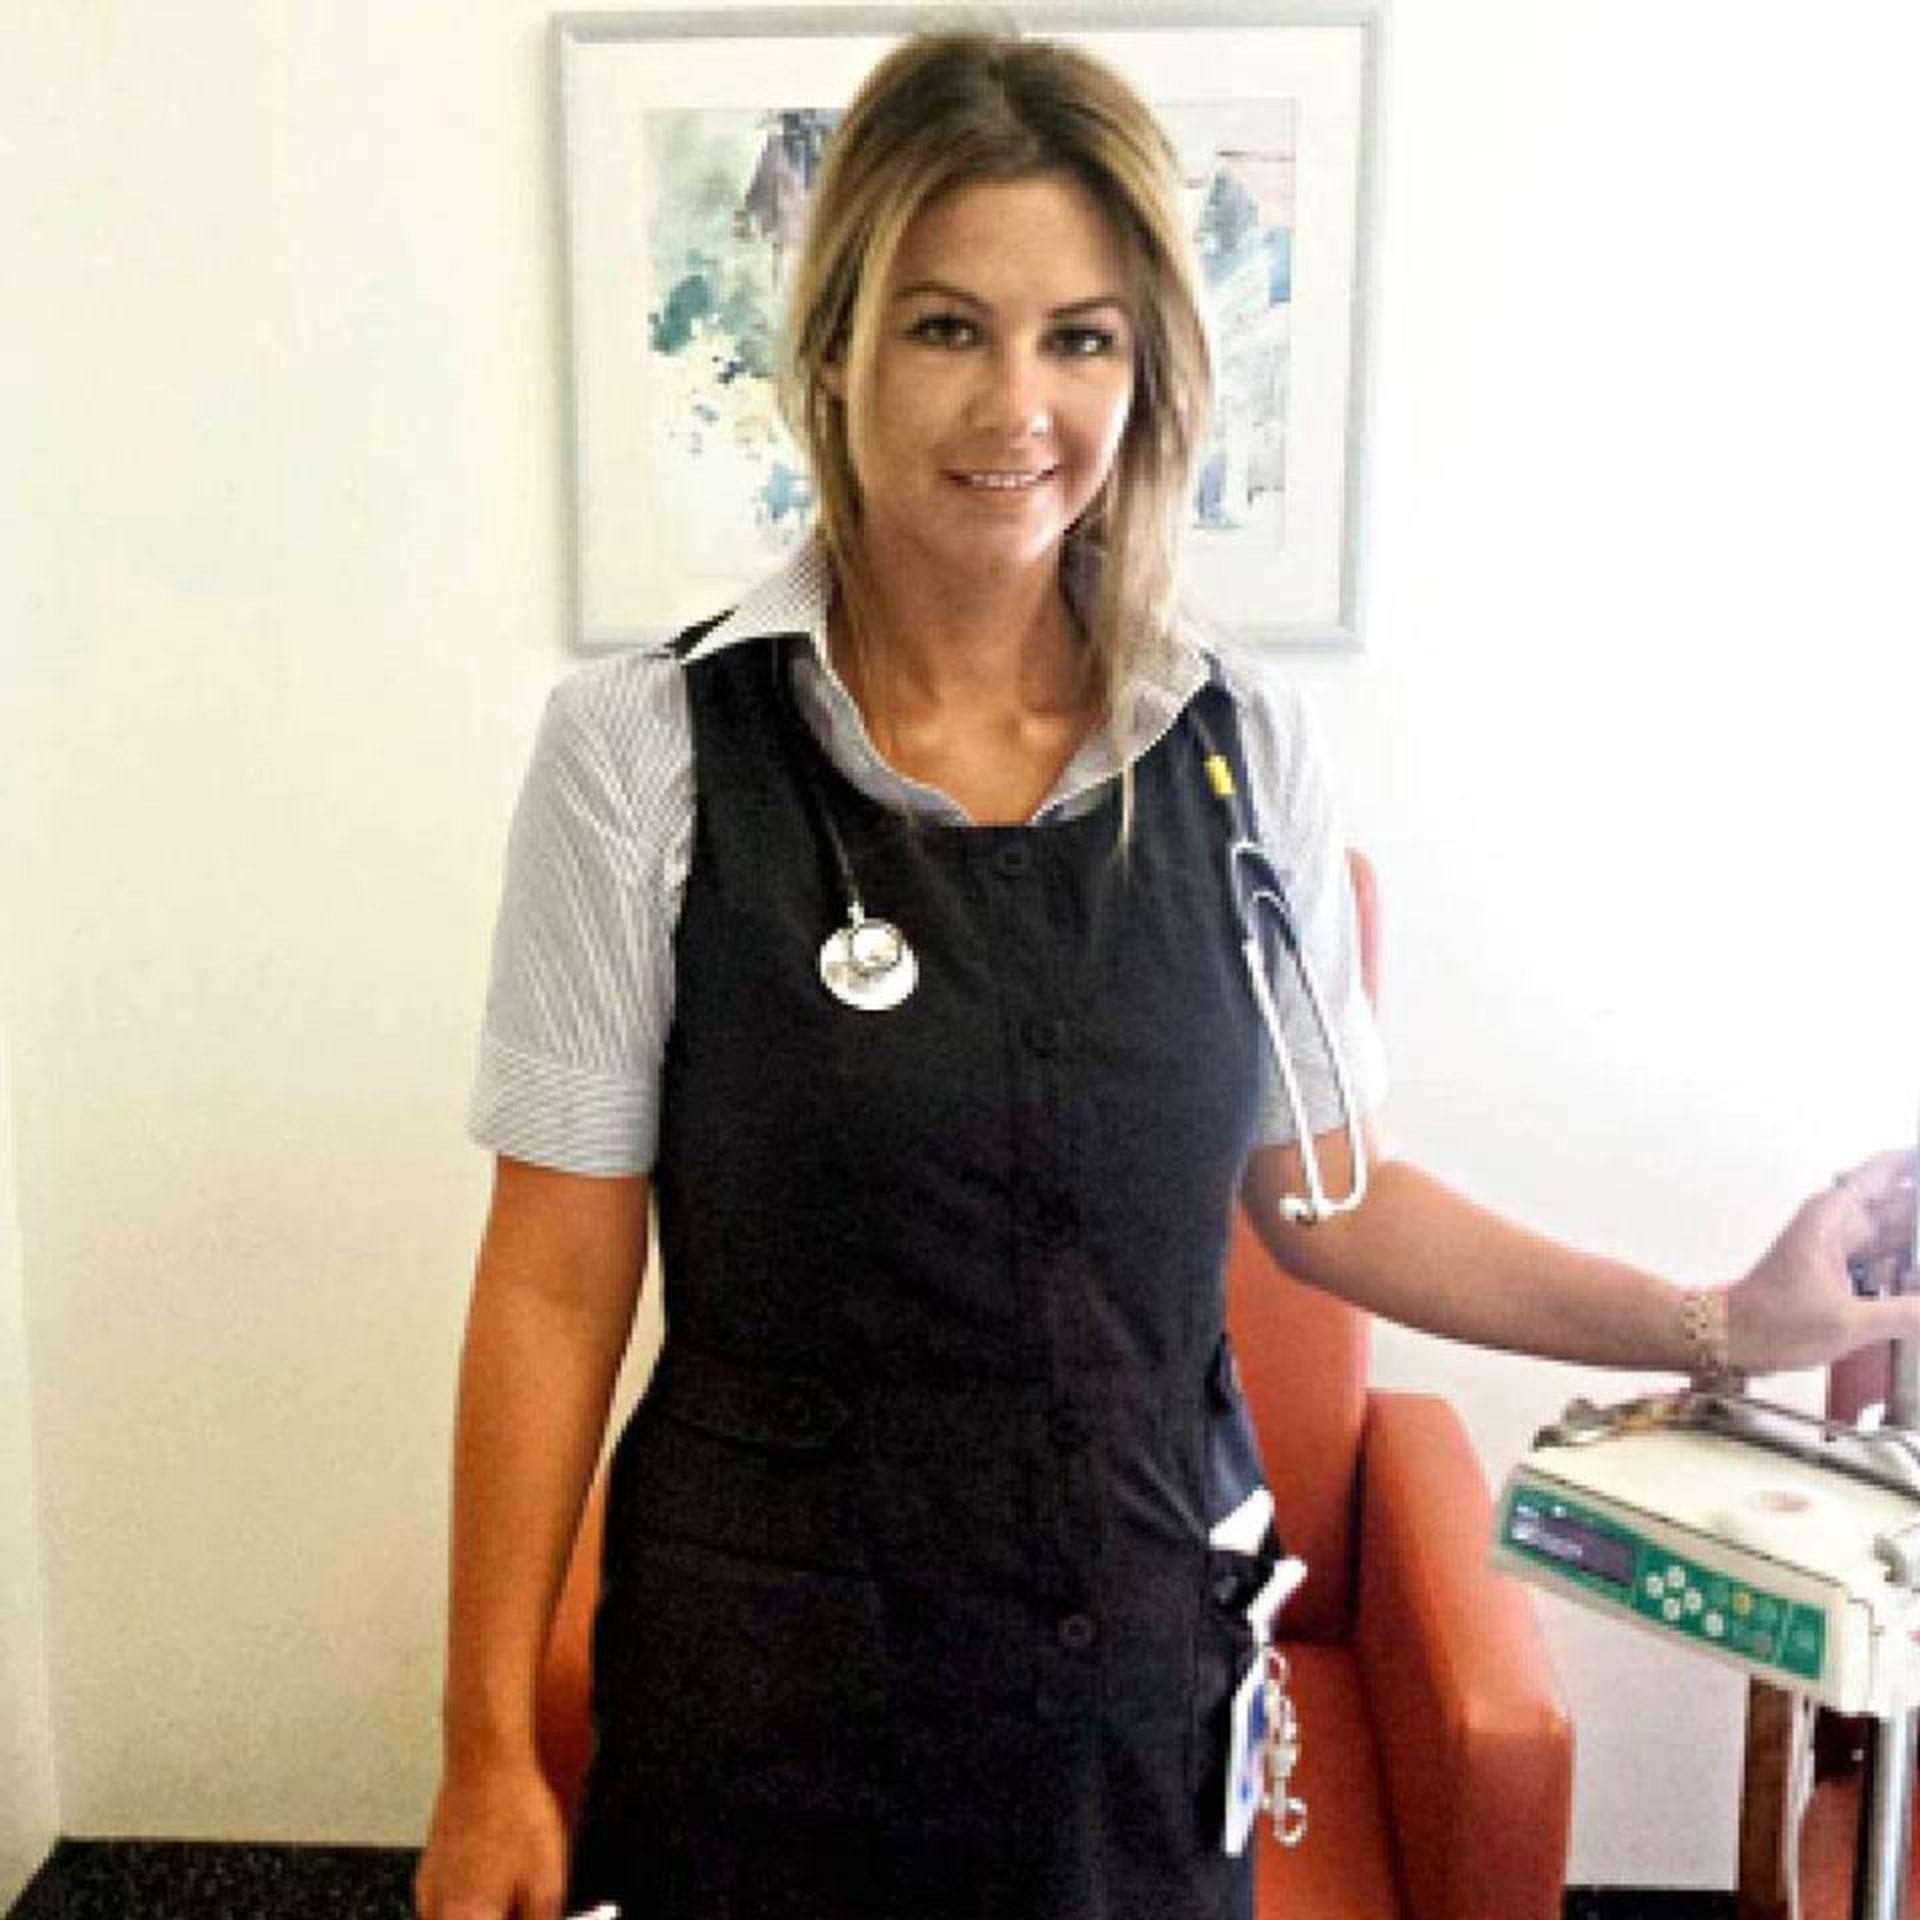 Enfermera dio una explicación sexual al ser sorprendida con cocaína en Australia